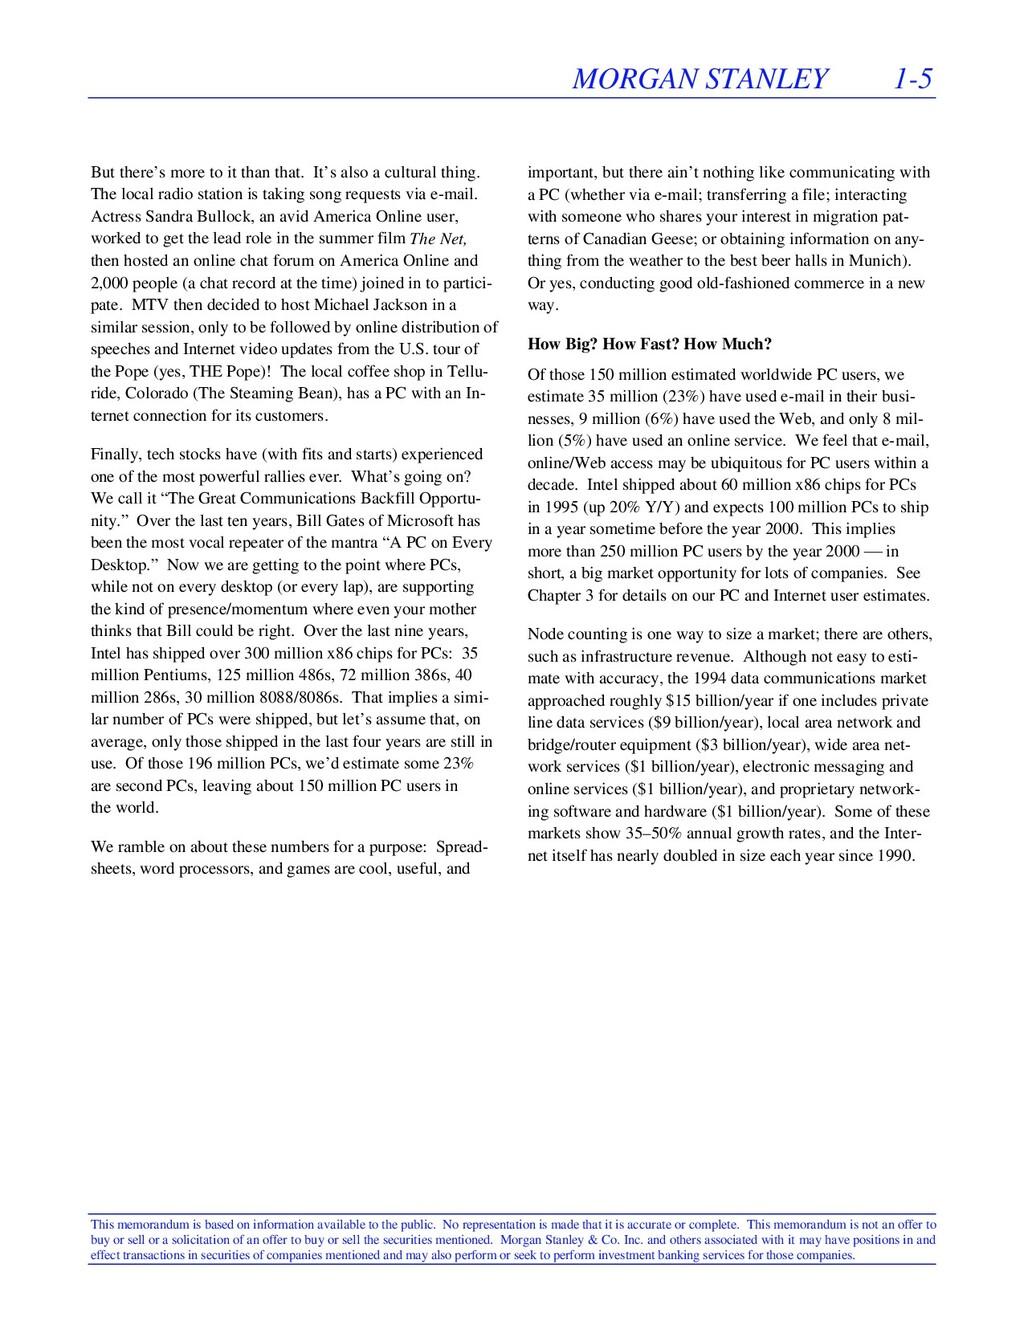 MORGAN STANLEY 1-5 This memorandum is based on ...